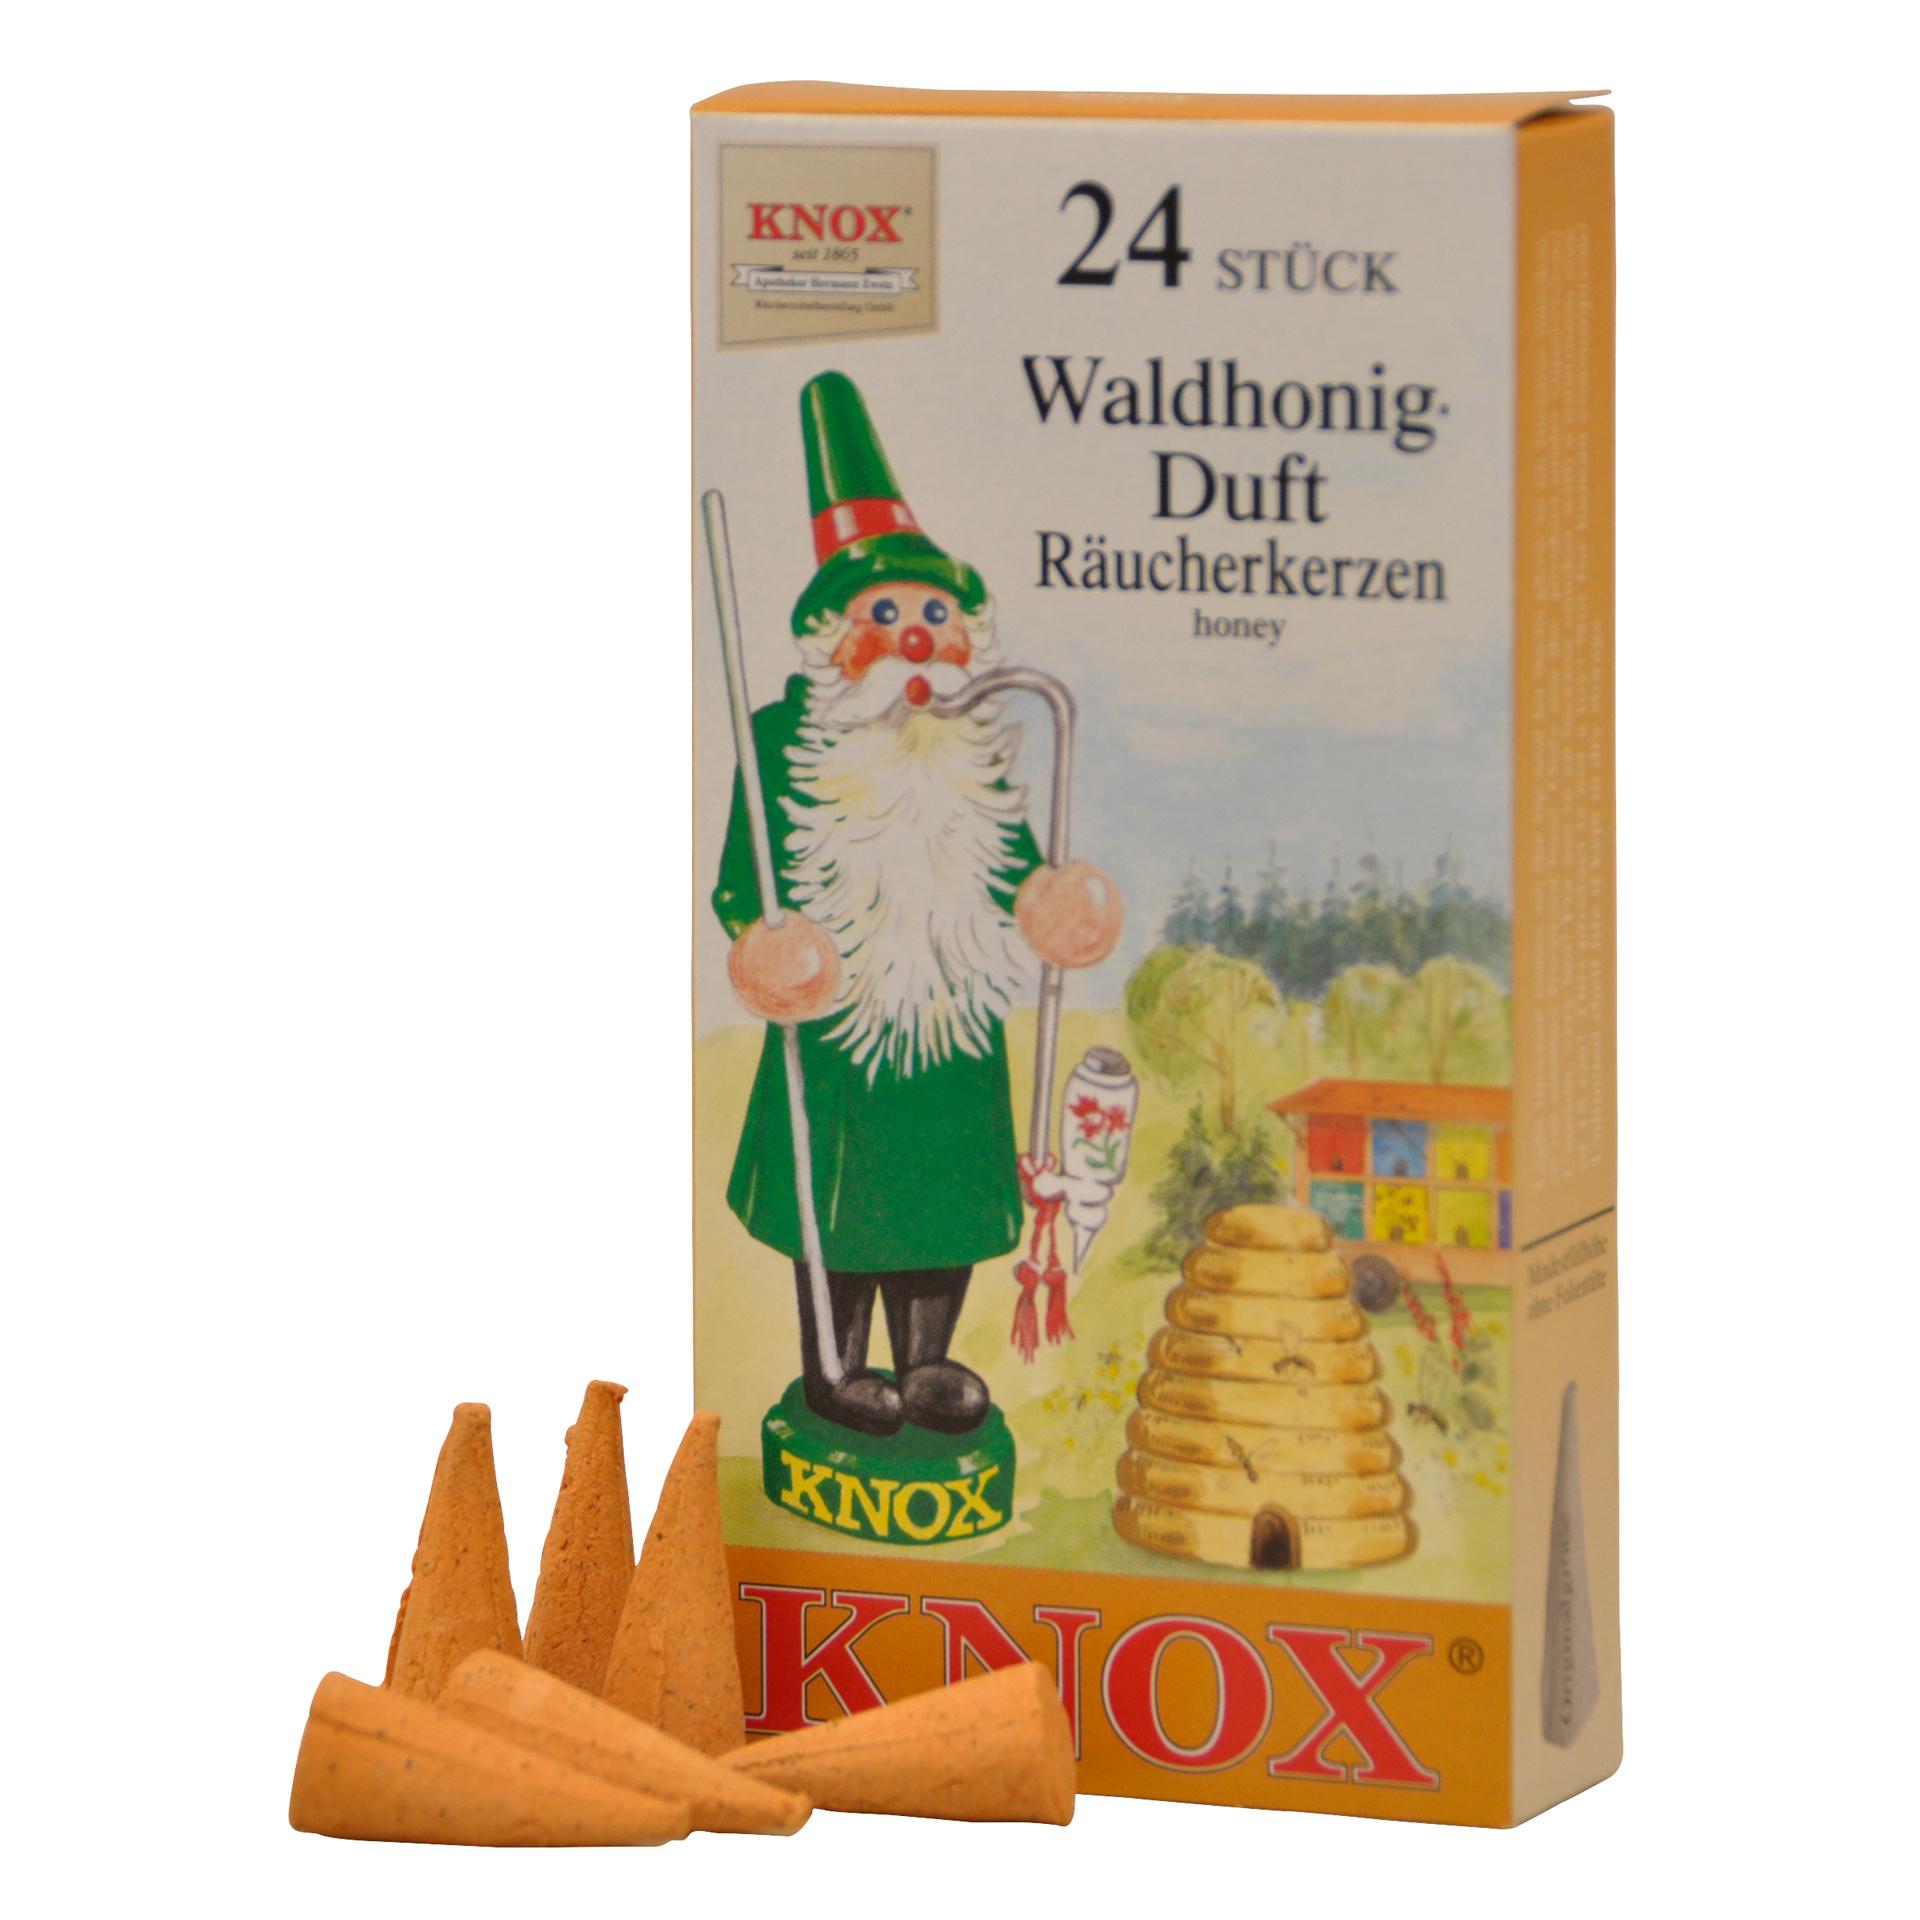 Knox Räucherkerzen Waldhonig